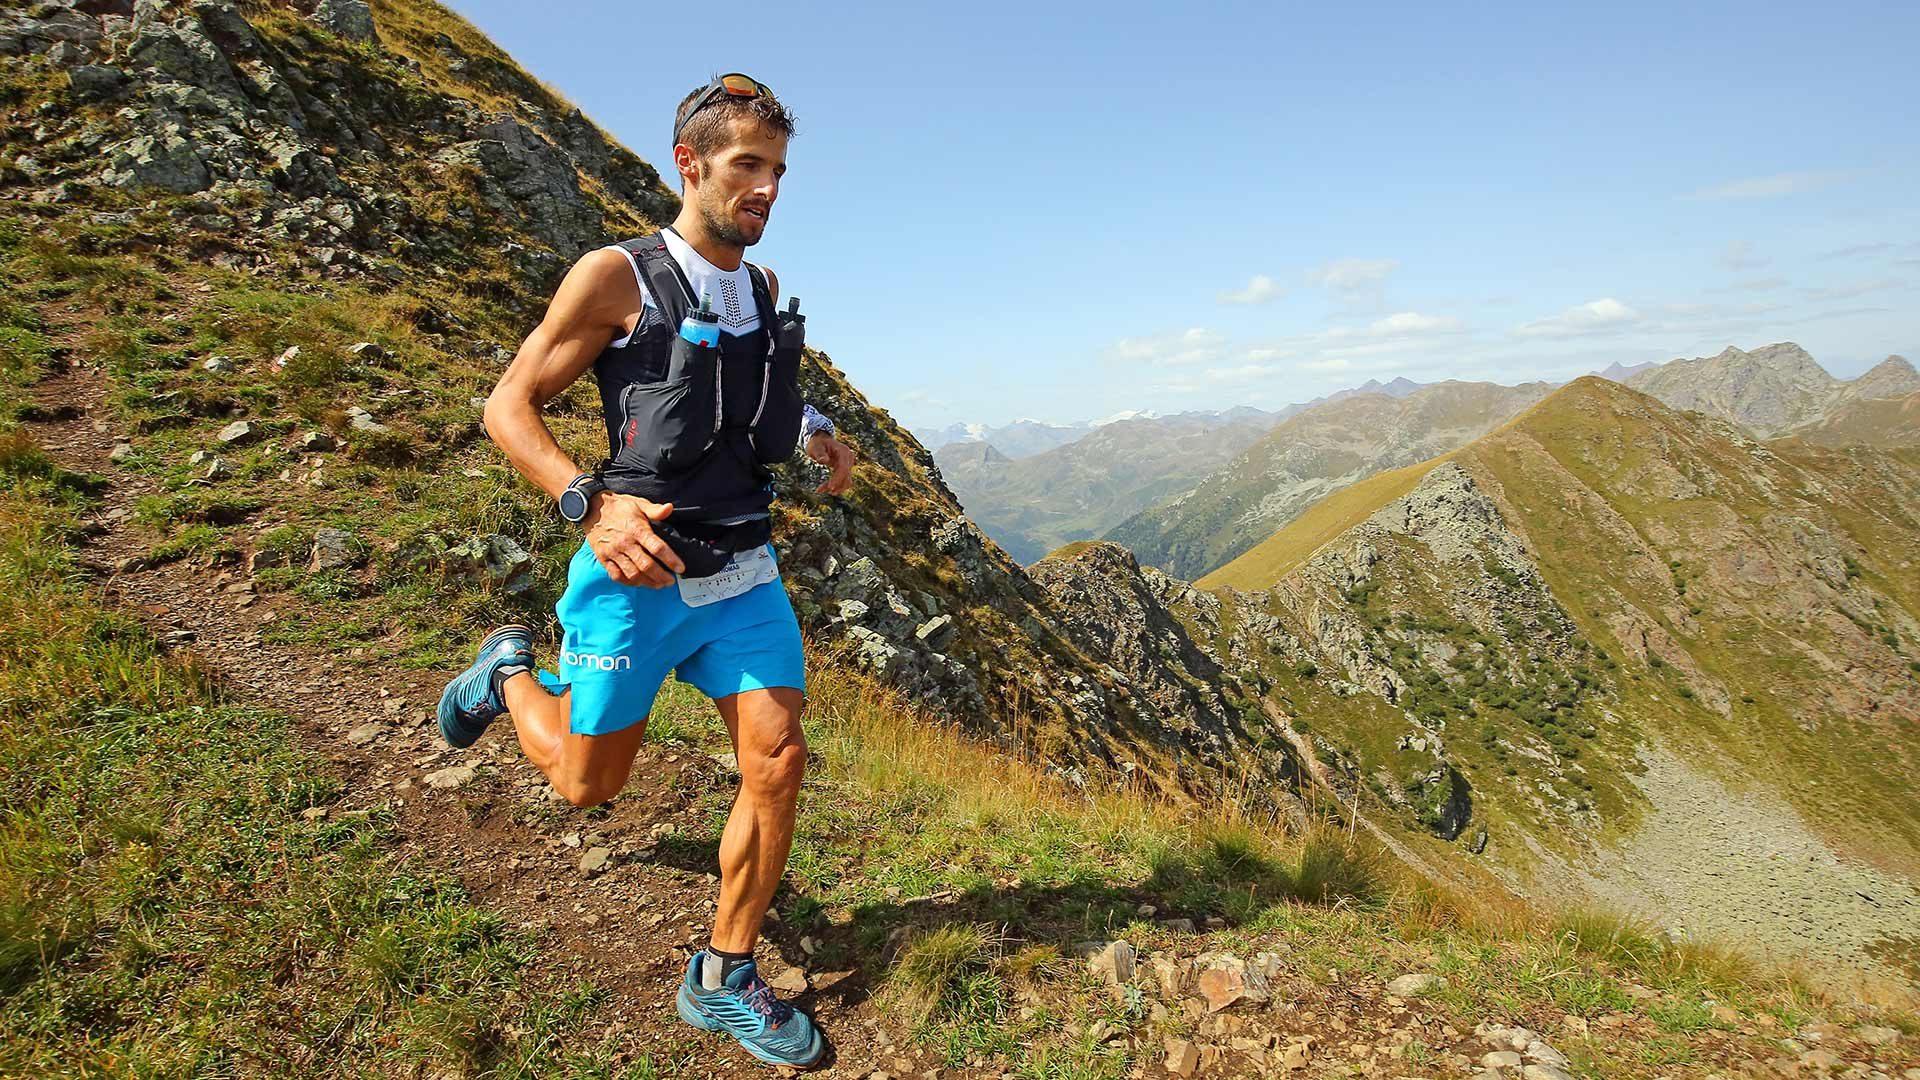 Corsa di montagna a Merano e dintorni